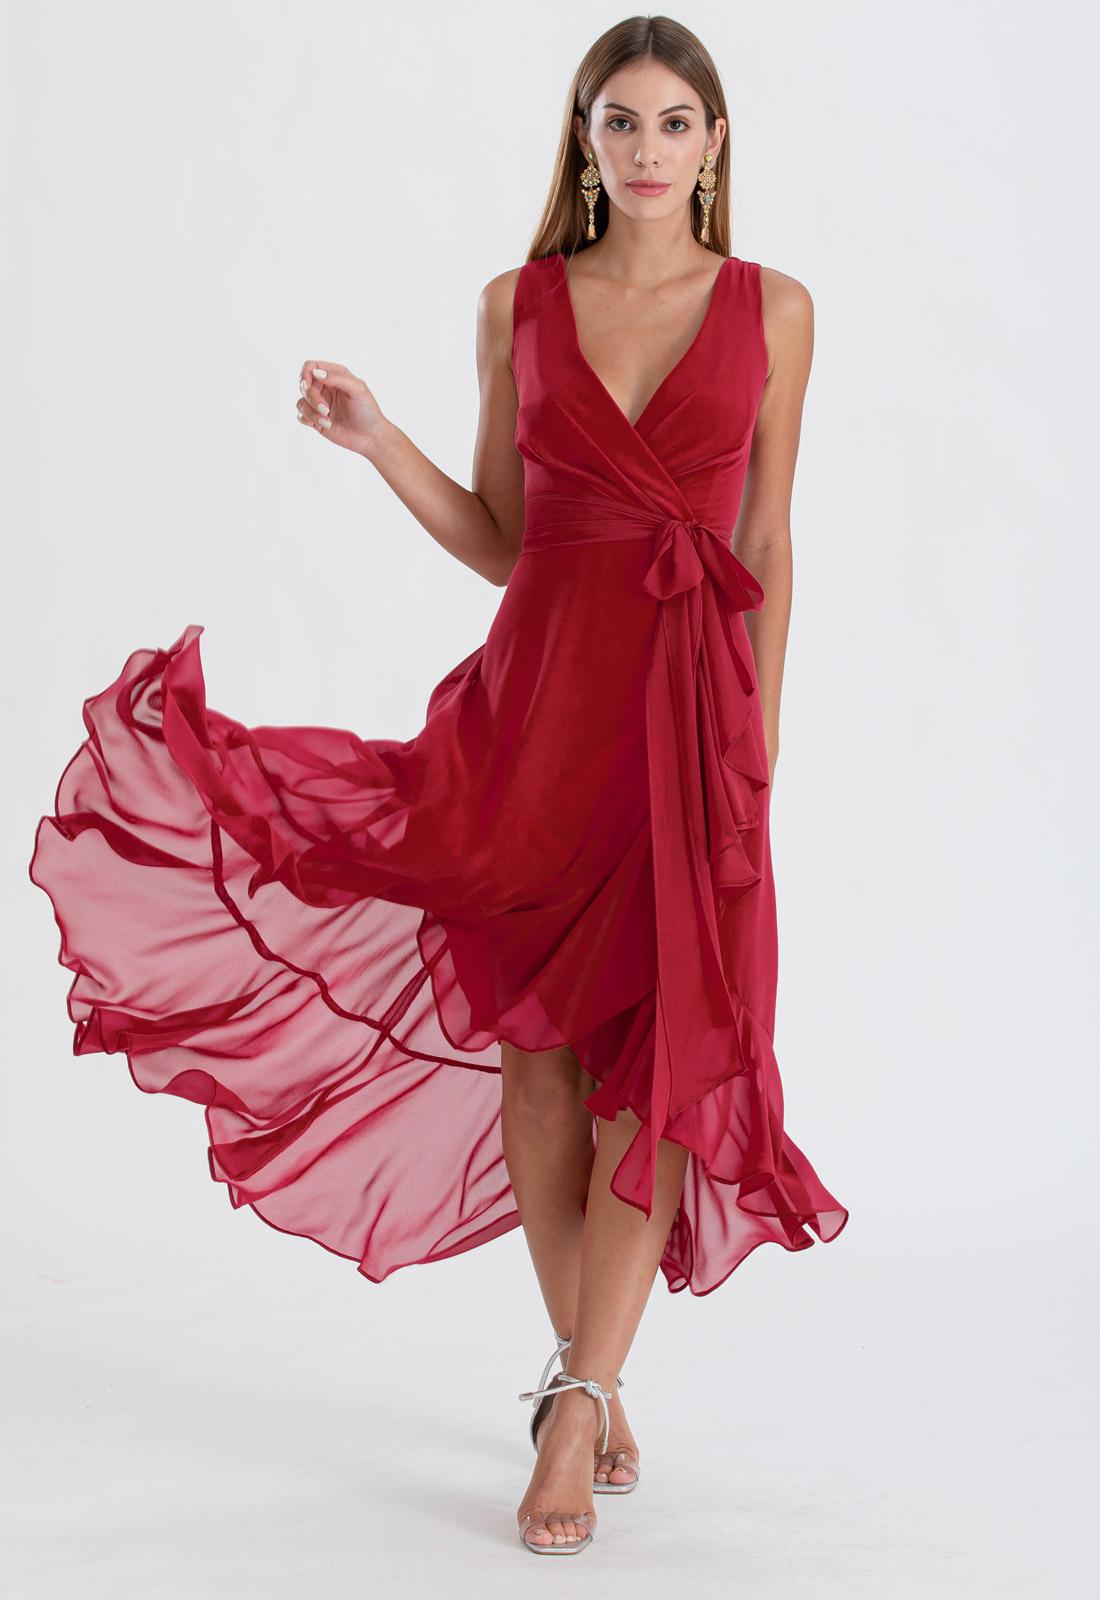 Vestido de festa marsala mullet ref. 2480